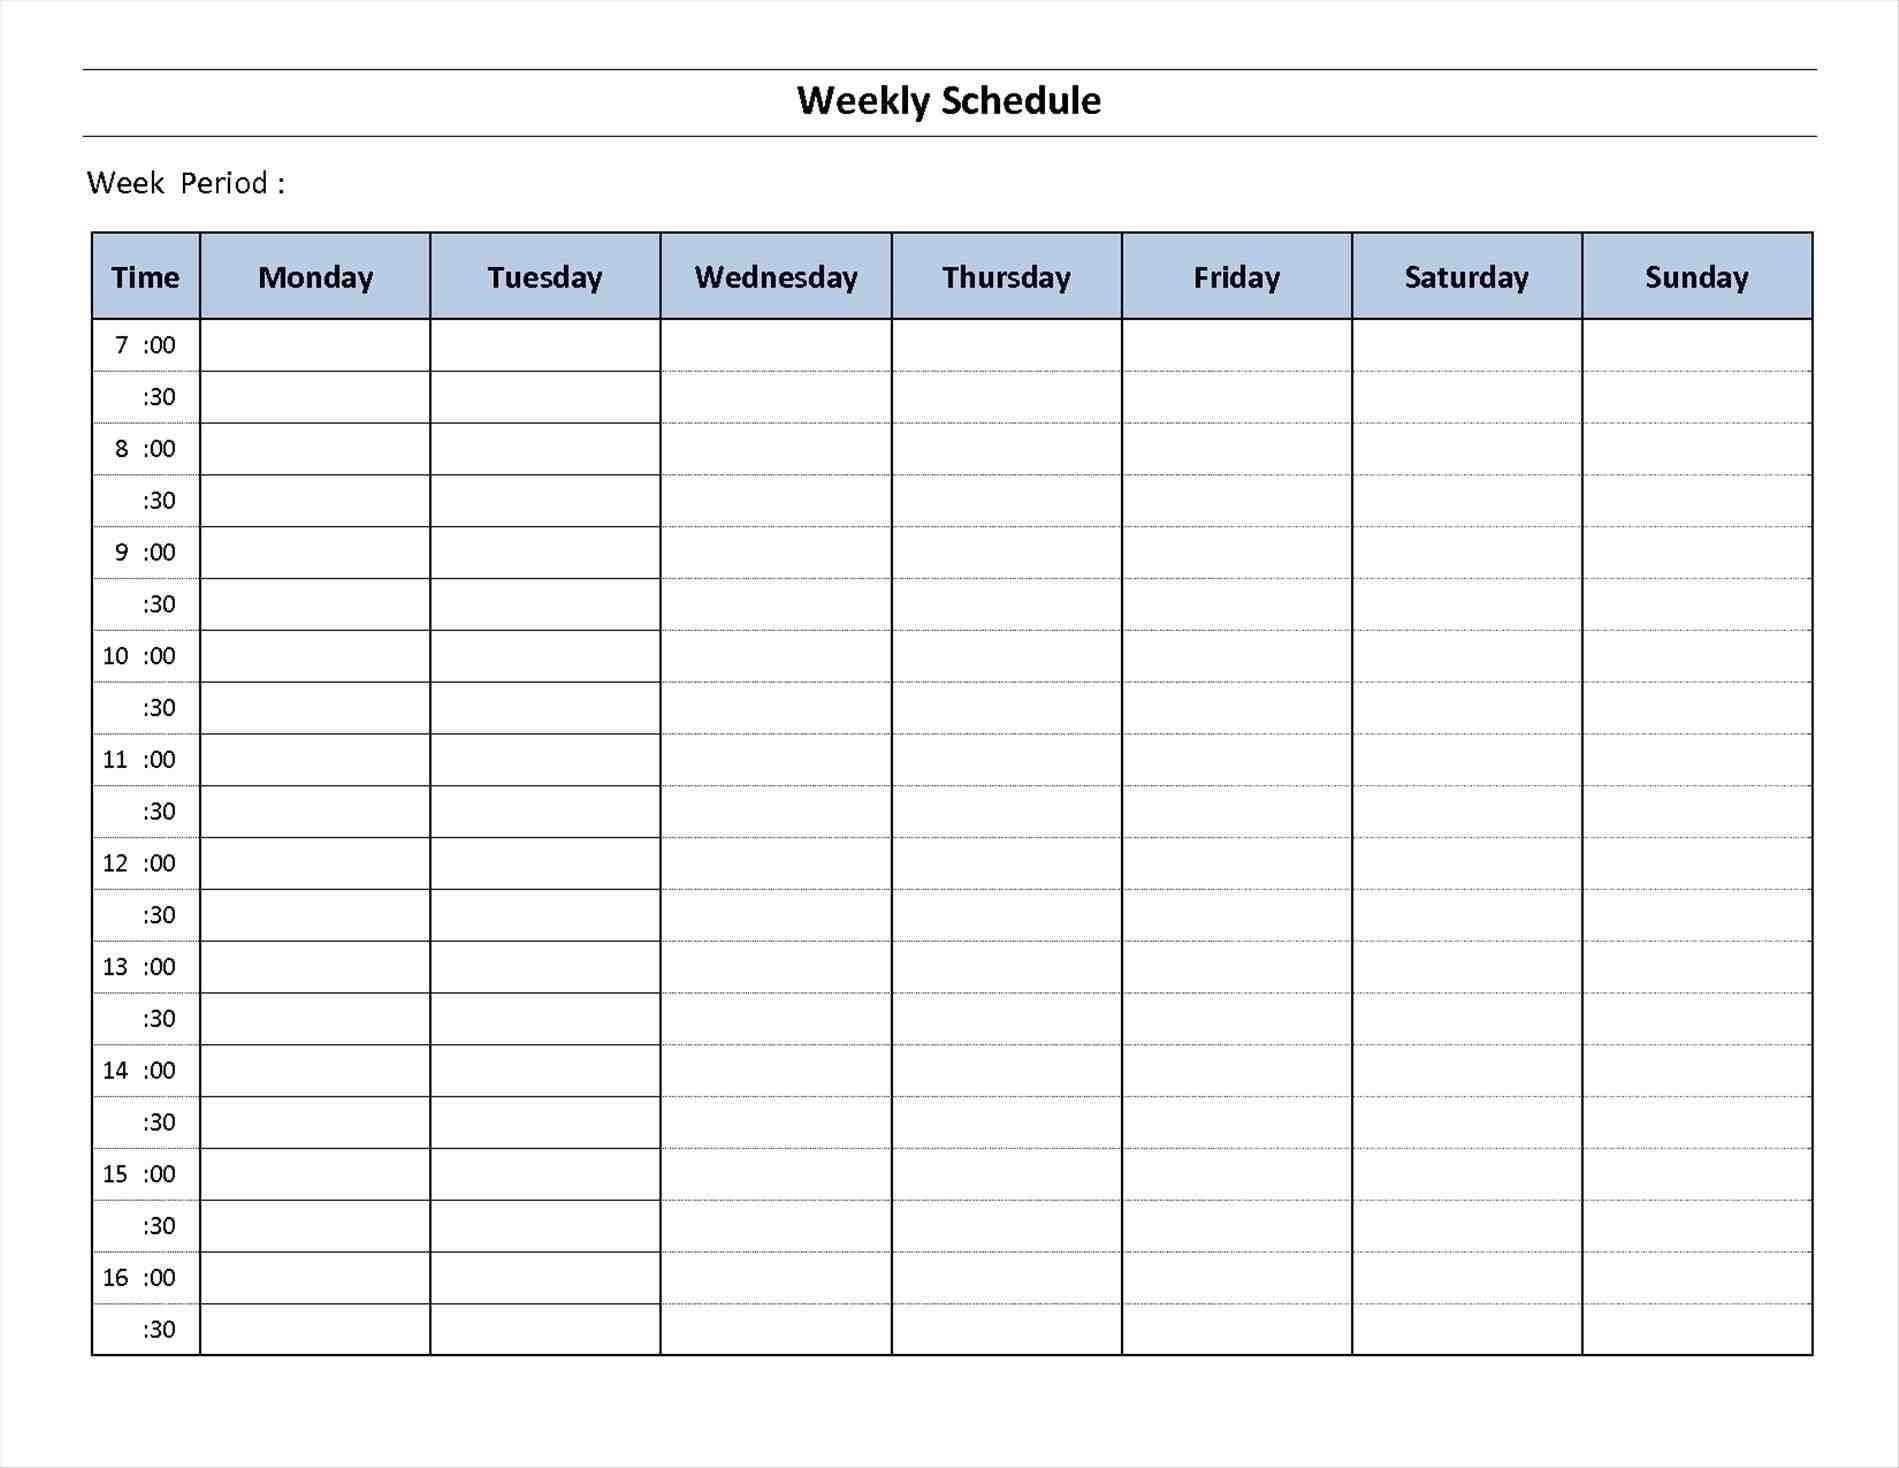 Day Weekly Planner Template Schedule Week Calendar Printable  7 Day Weekly Planner Pdf